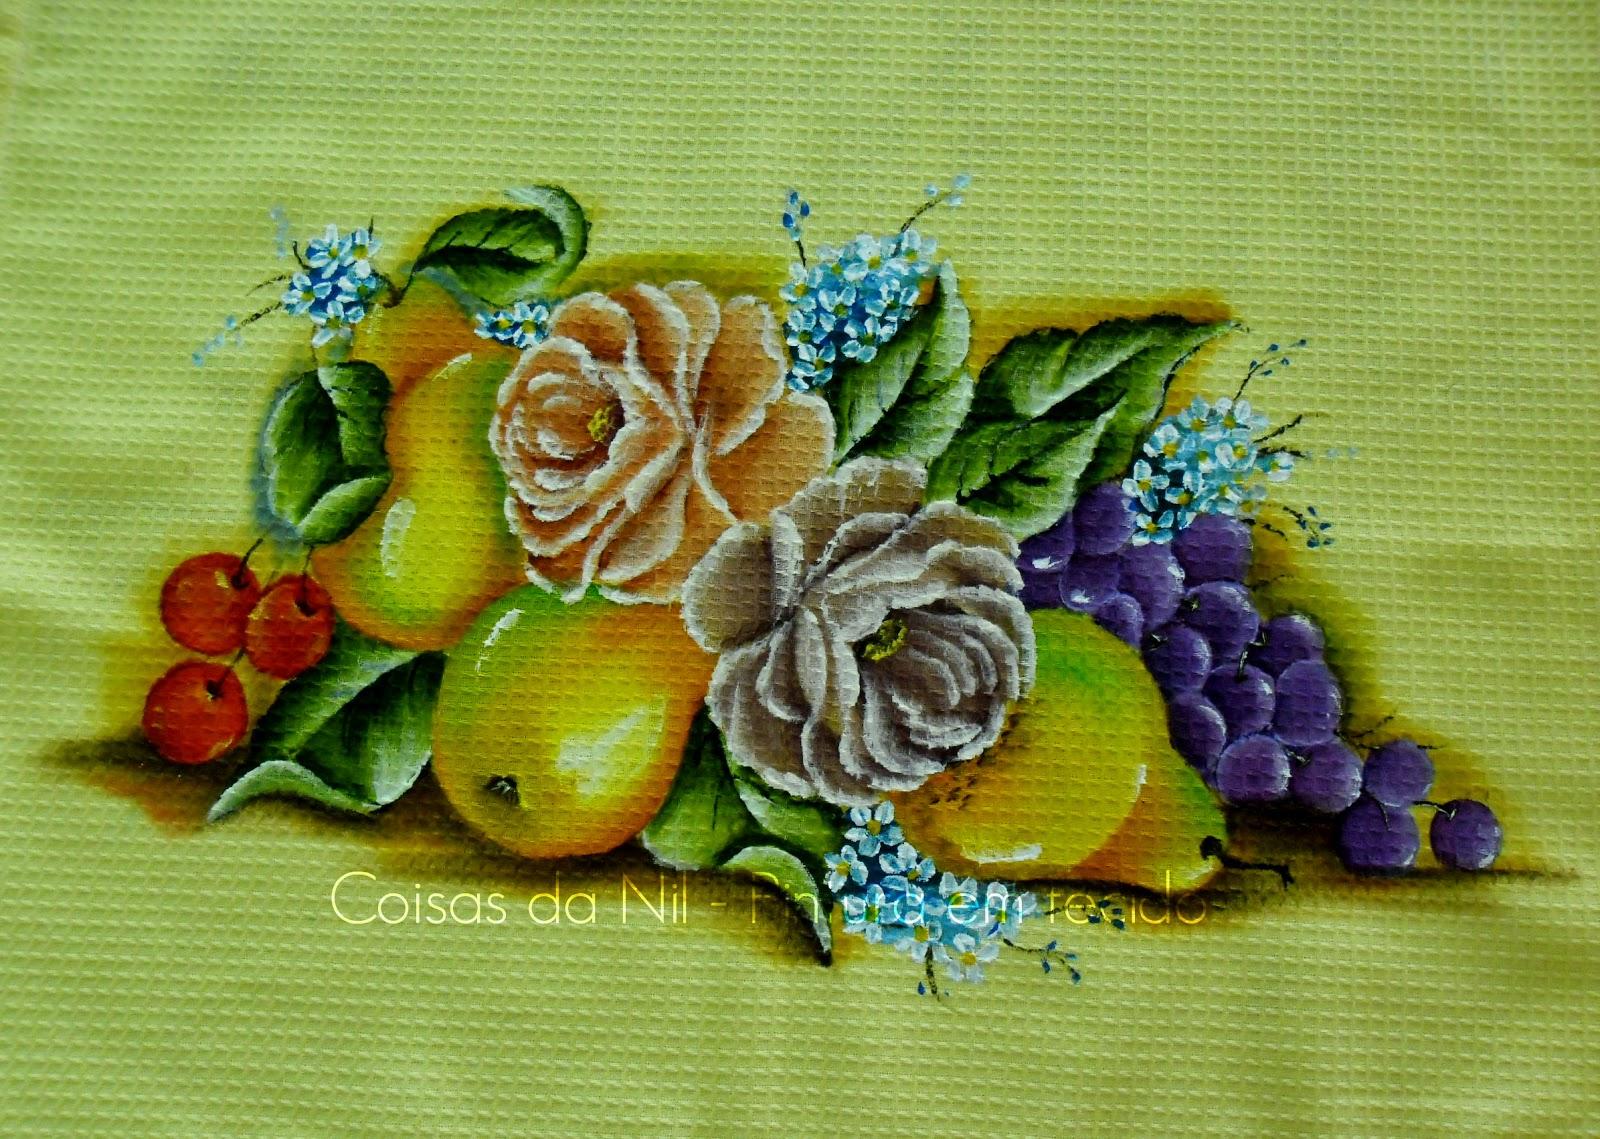 pintura em tecido pano de copa com peras, rosas, uvas e cerejas